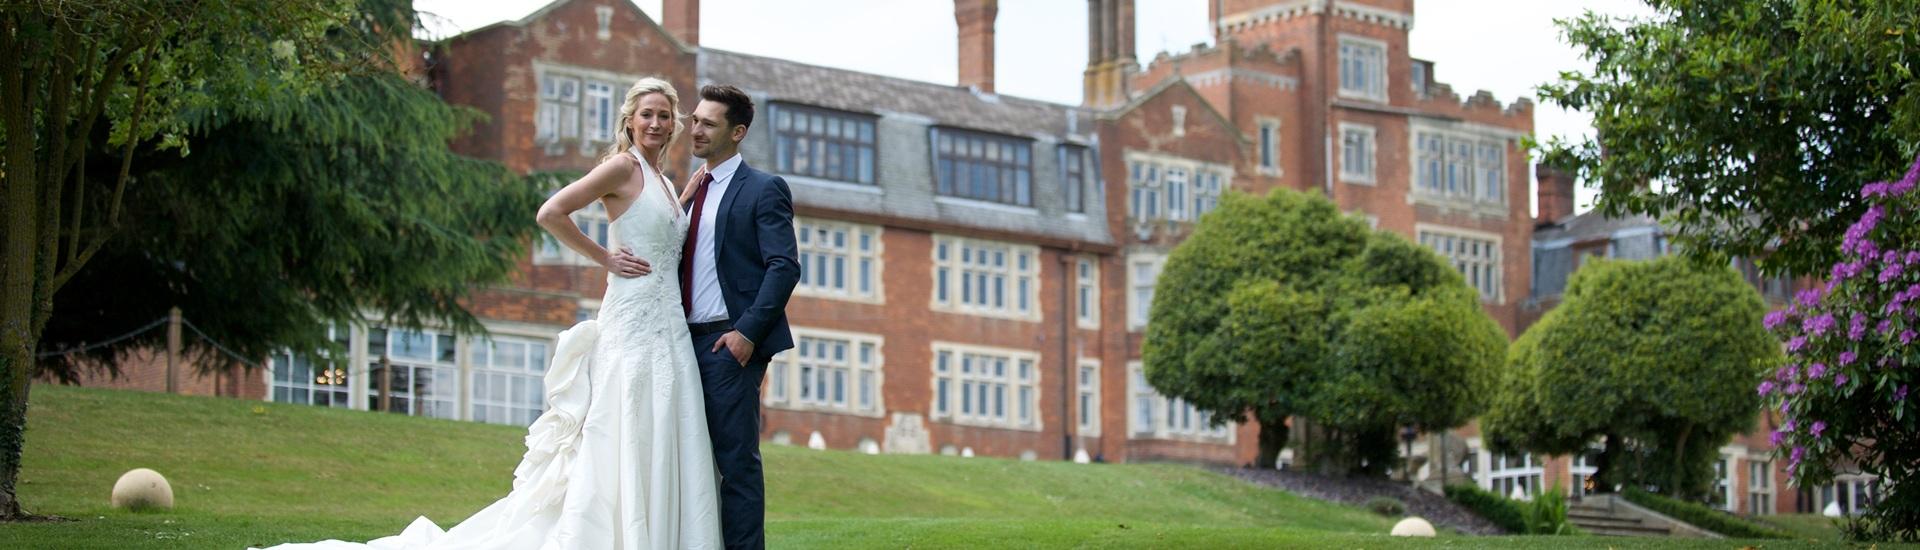 frimley hall hotel weddings